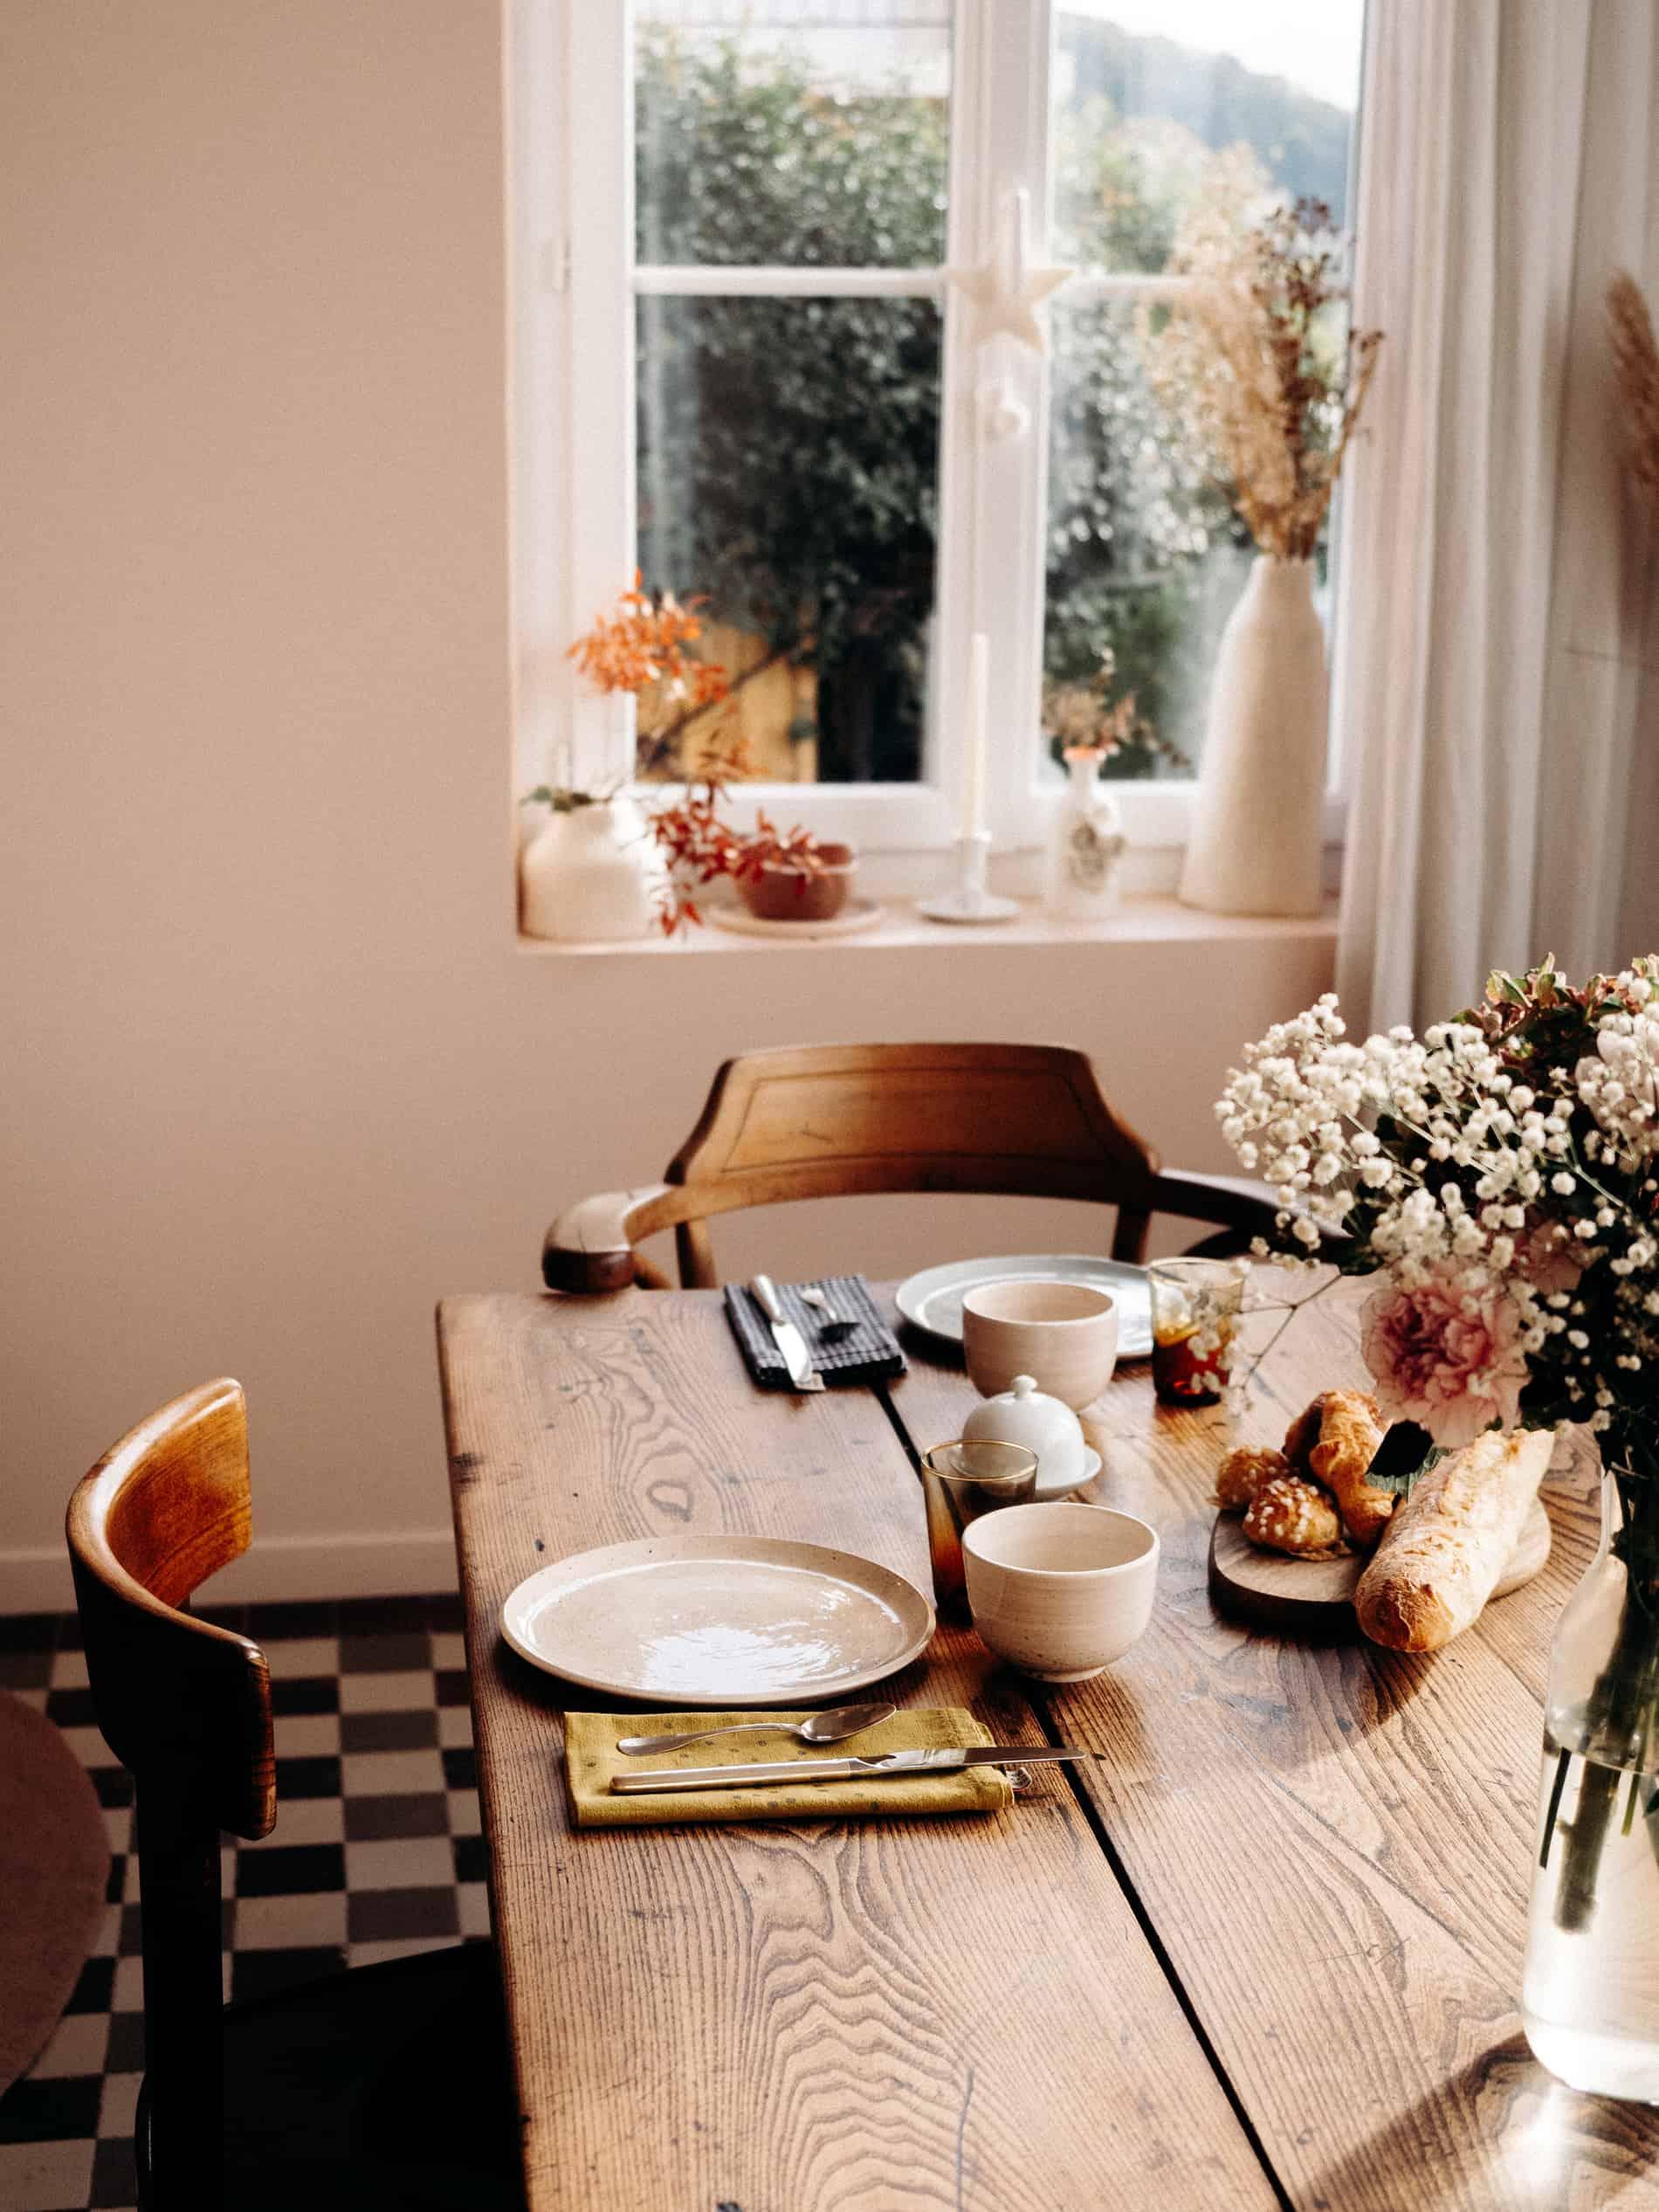 La Maison Plûme maison d'hôtes normandie table petit déjeuner